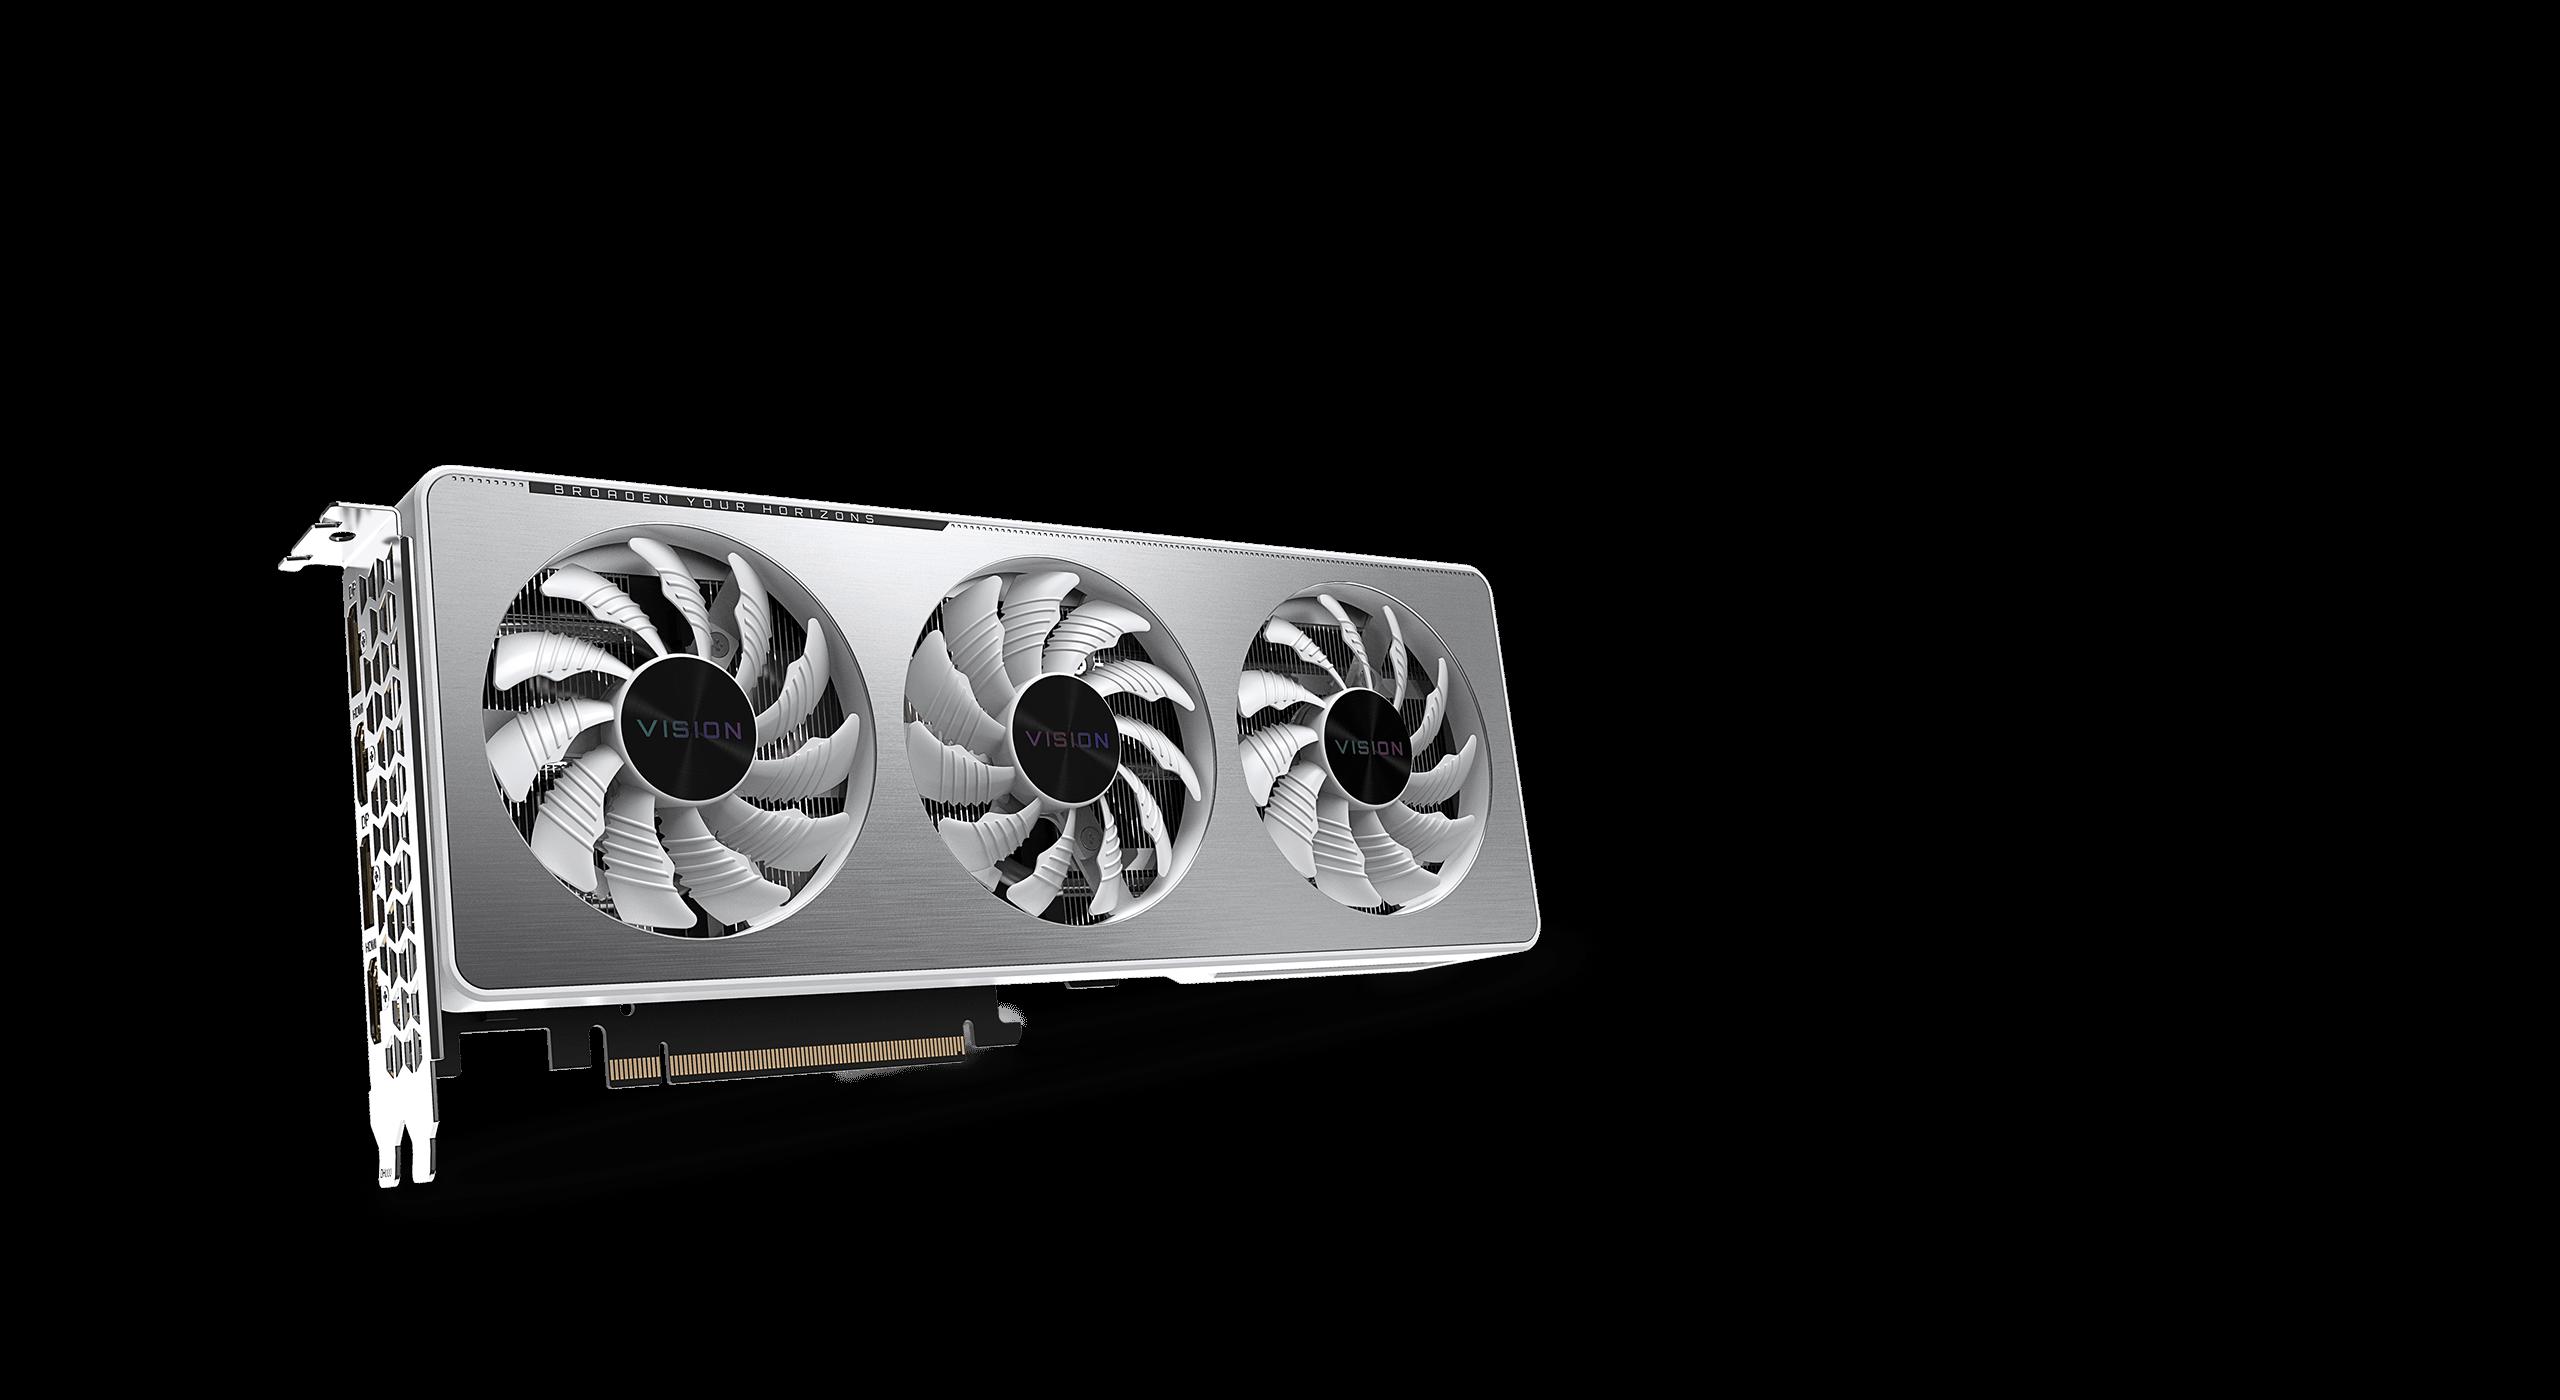 Gigabyte GeForce RTX 3060 VISION OC 12G - GV-N3060VISION OC-12GD 24